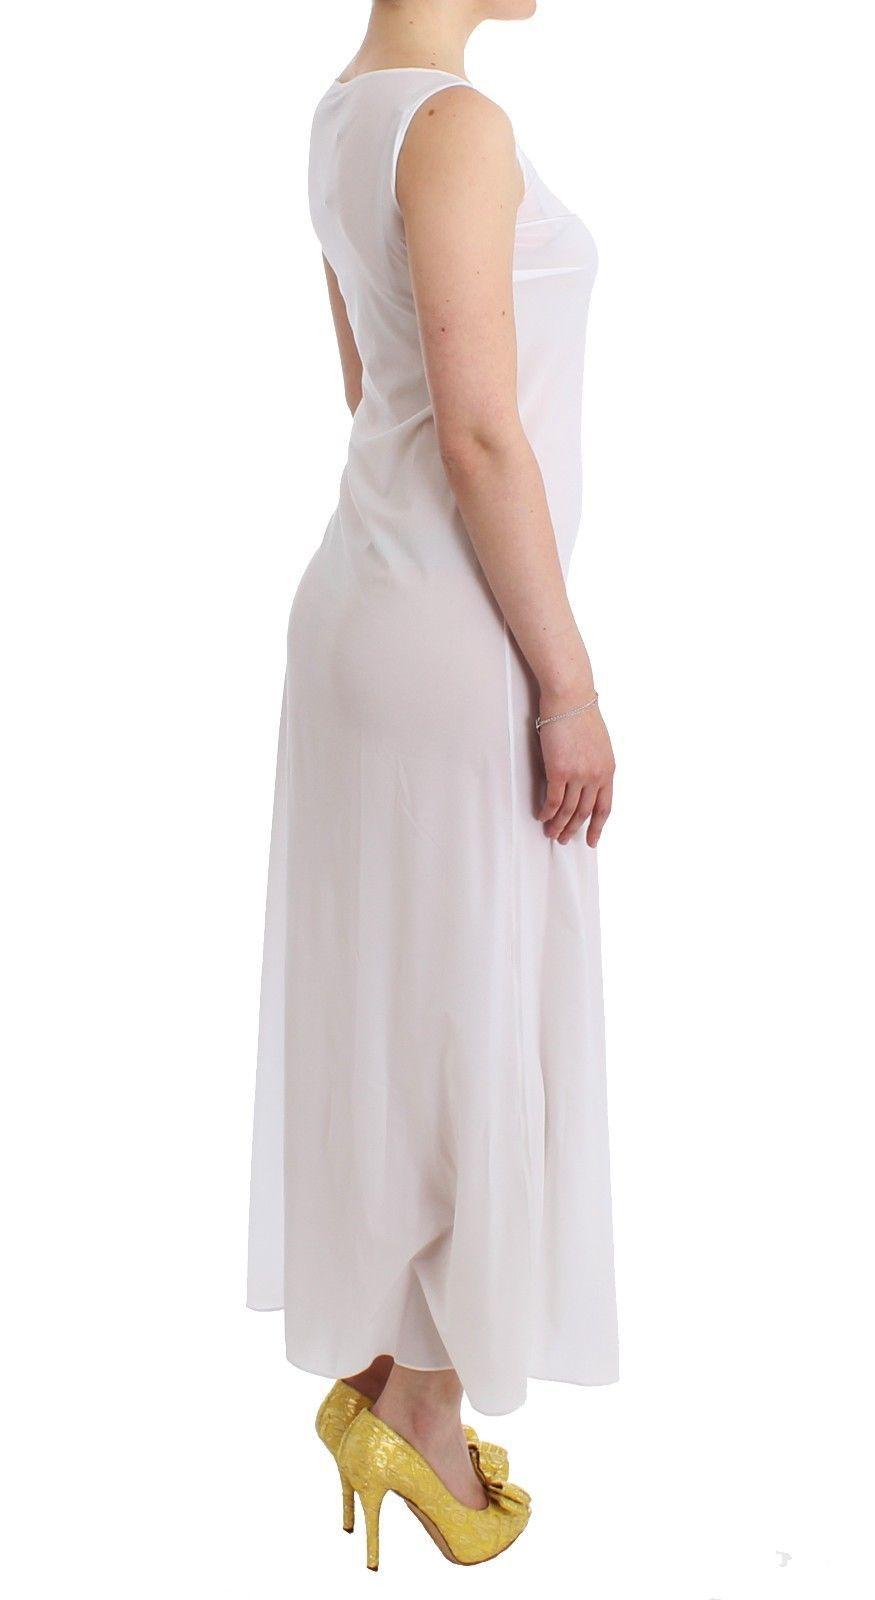 Ermanno Scervino Beachwear White Long Maxi Dress Kaftan Full